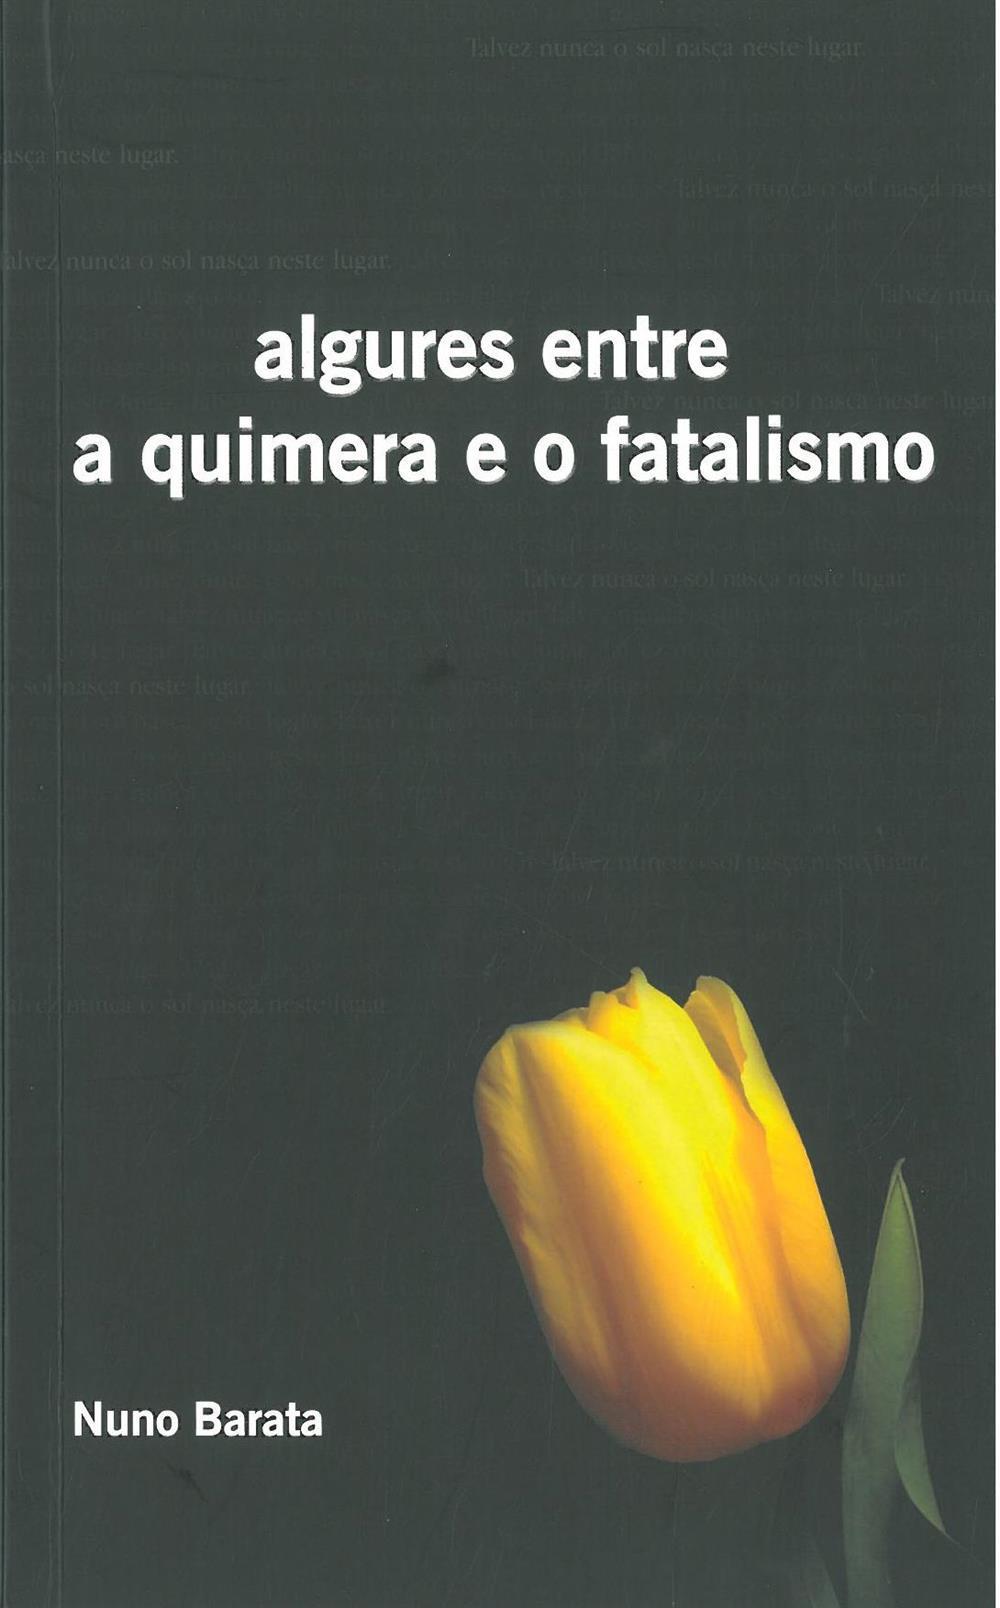 Algures entre a quimera e o fatalismo_.jpg